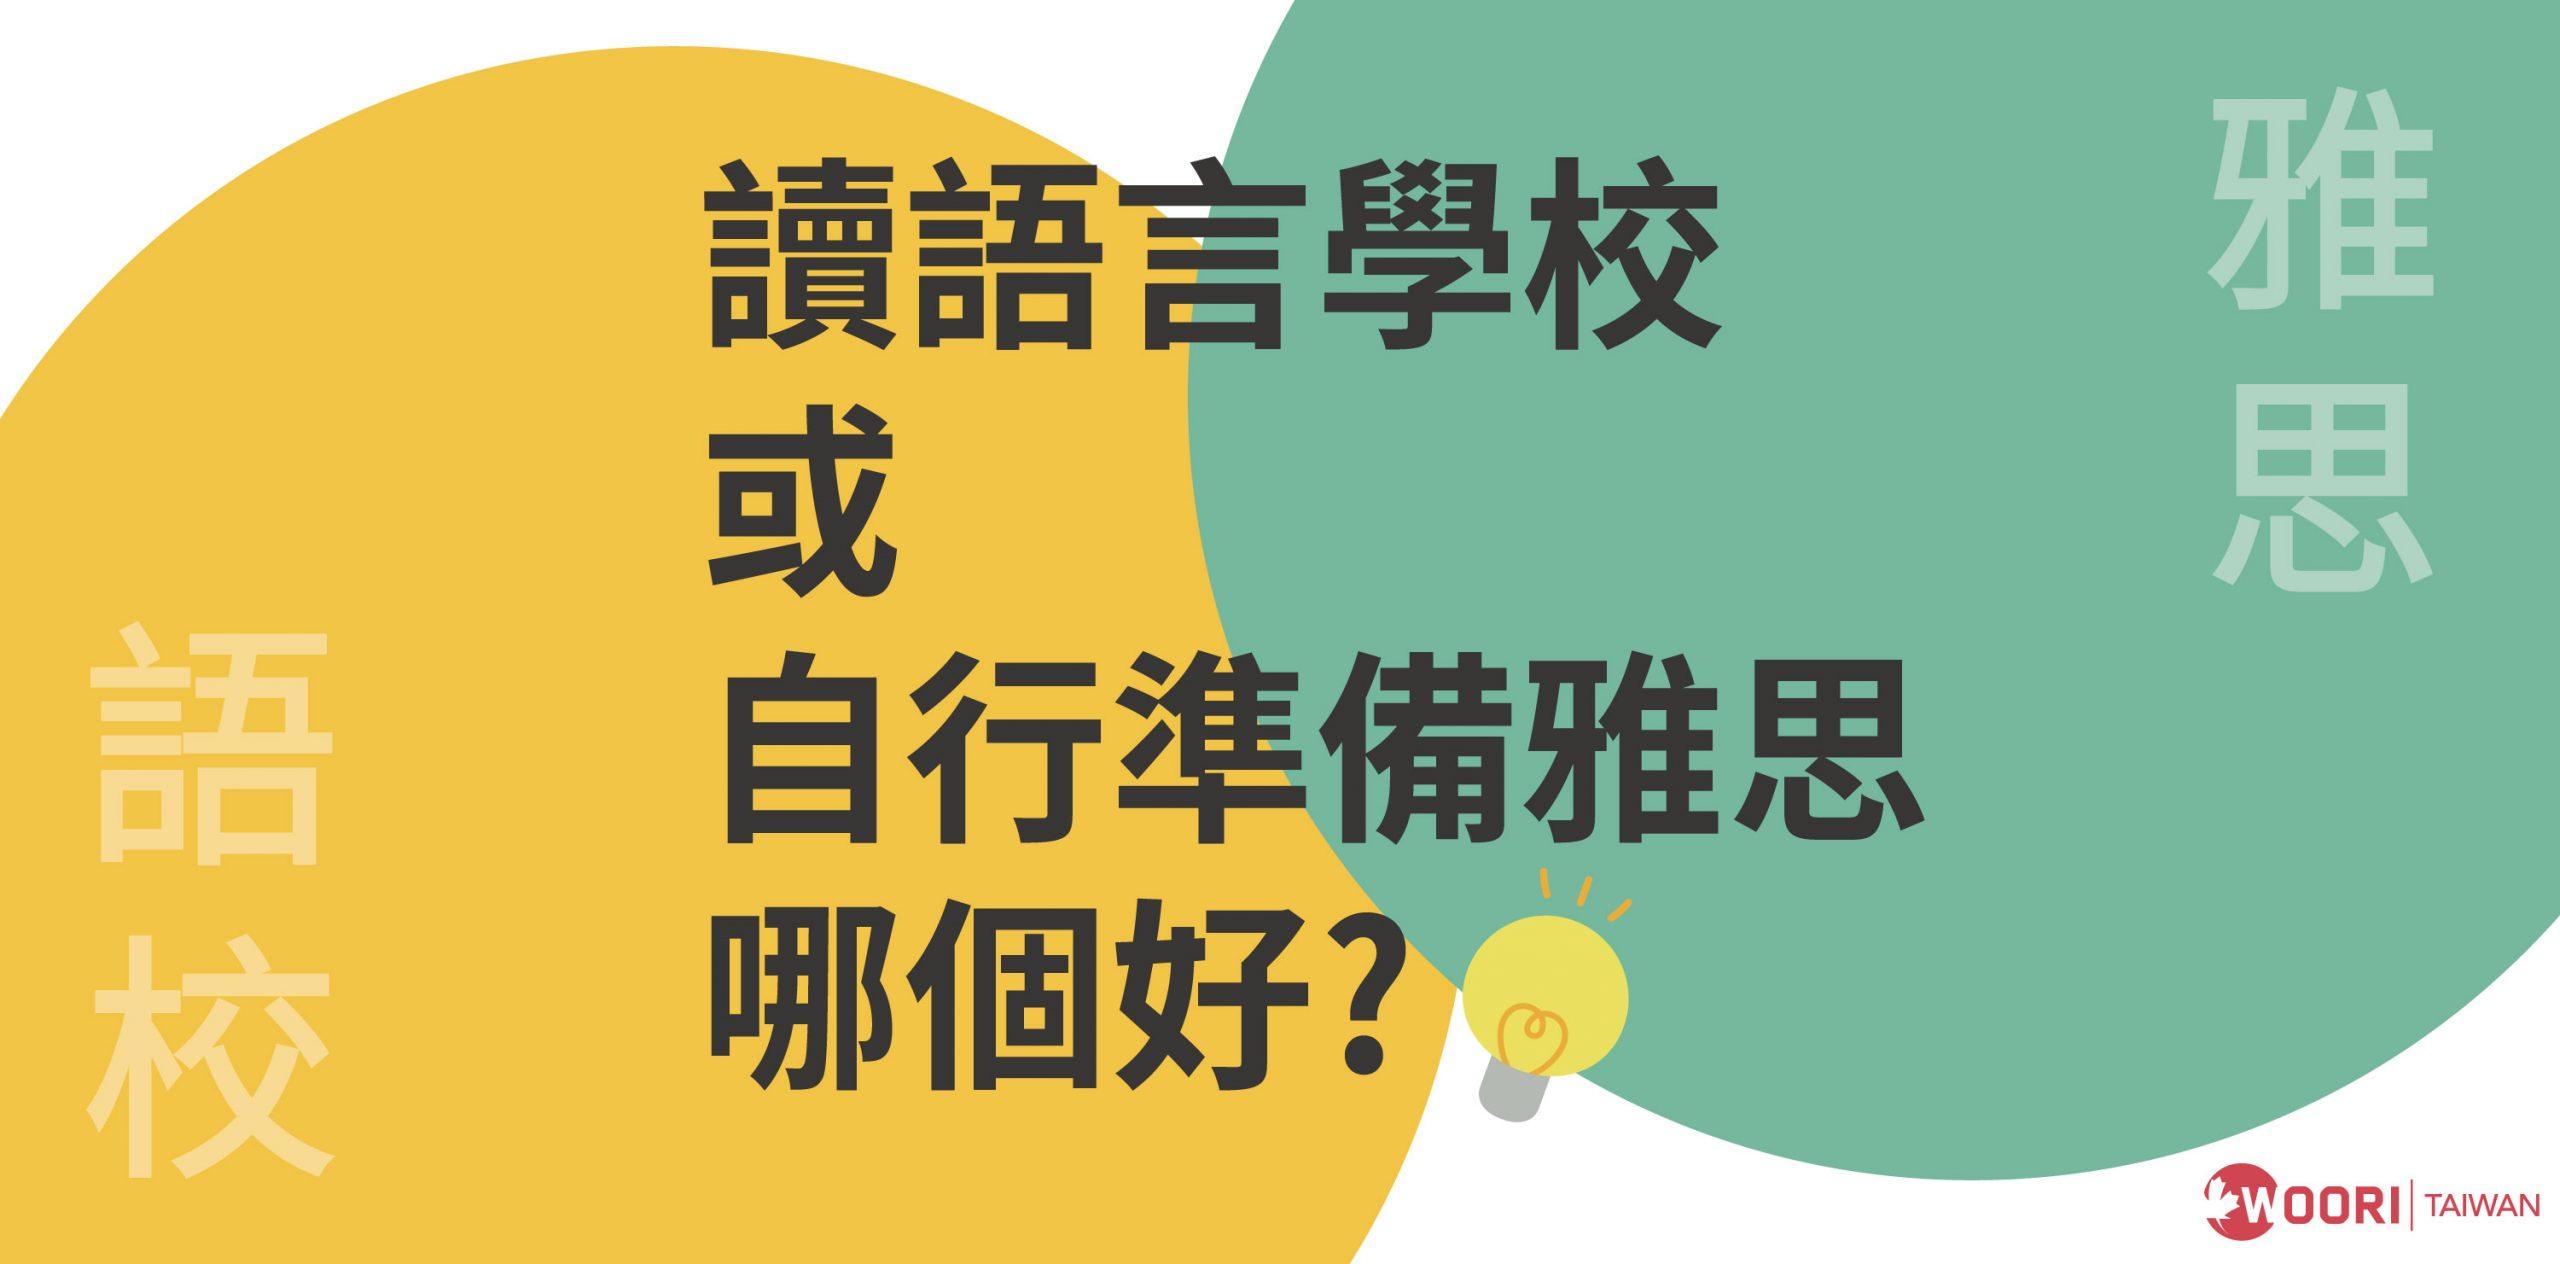 【讀語言學校或自行準備雅思,哪個好?】